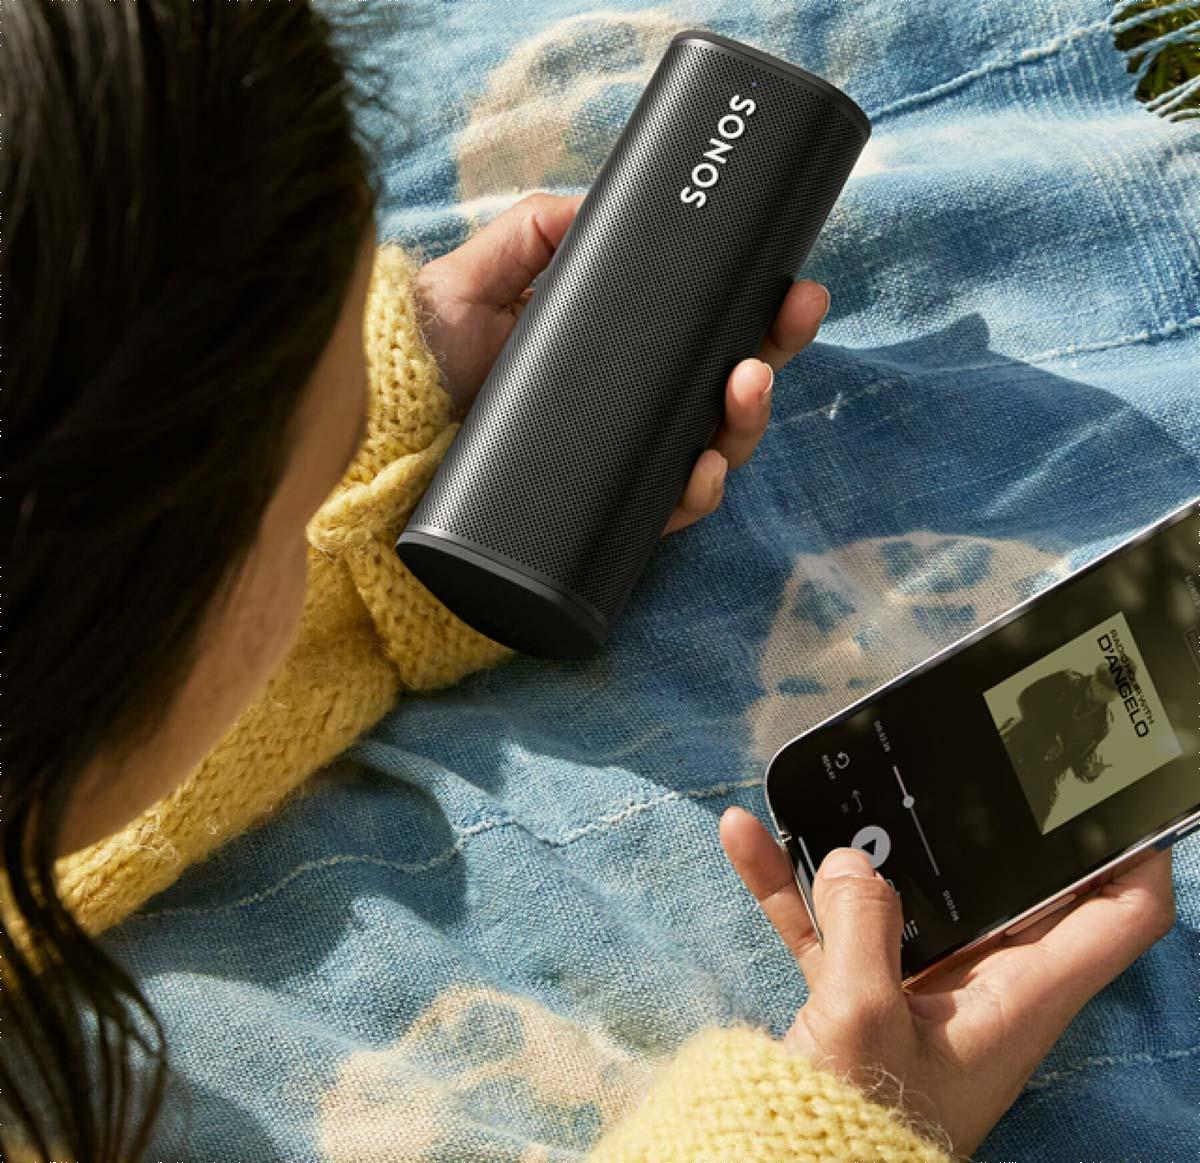 Enfin une petite enceinte nomade avec batterie, Bluetooth, WiFi et AirPlay 2 chez Sonos